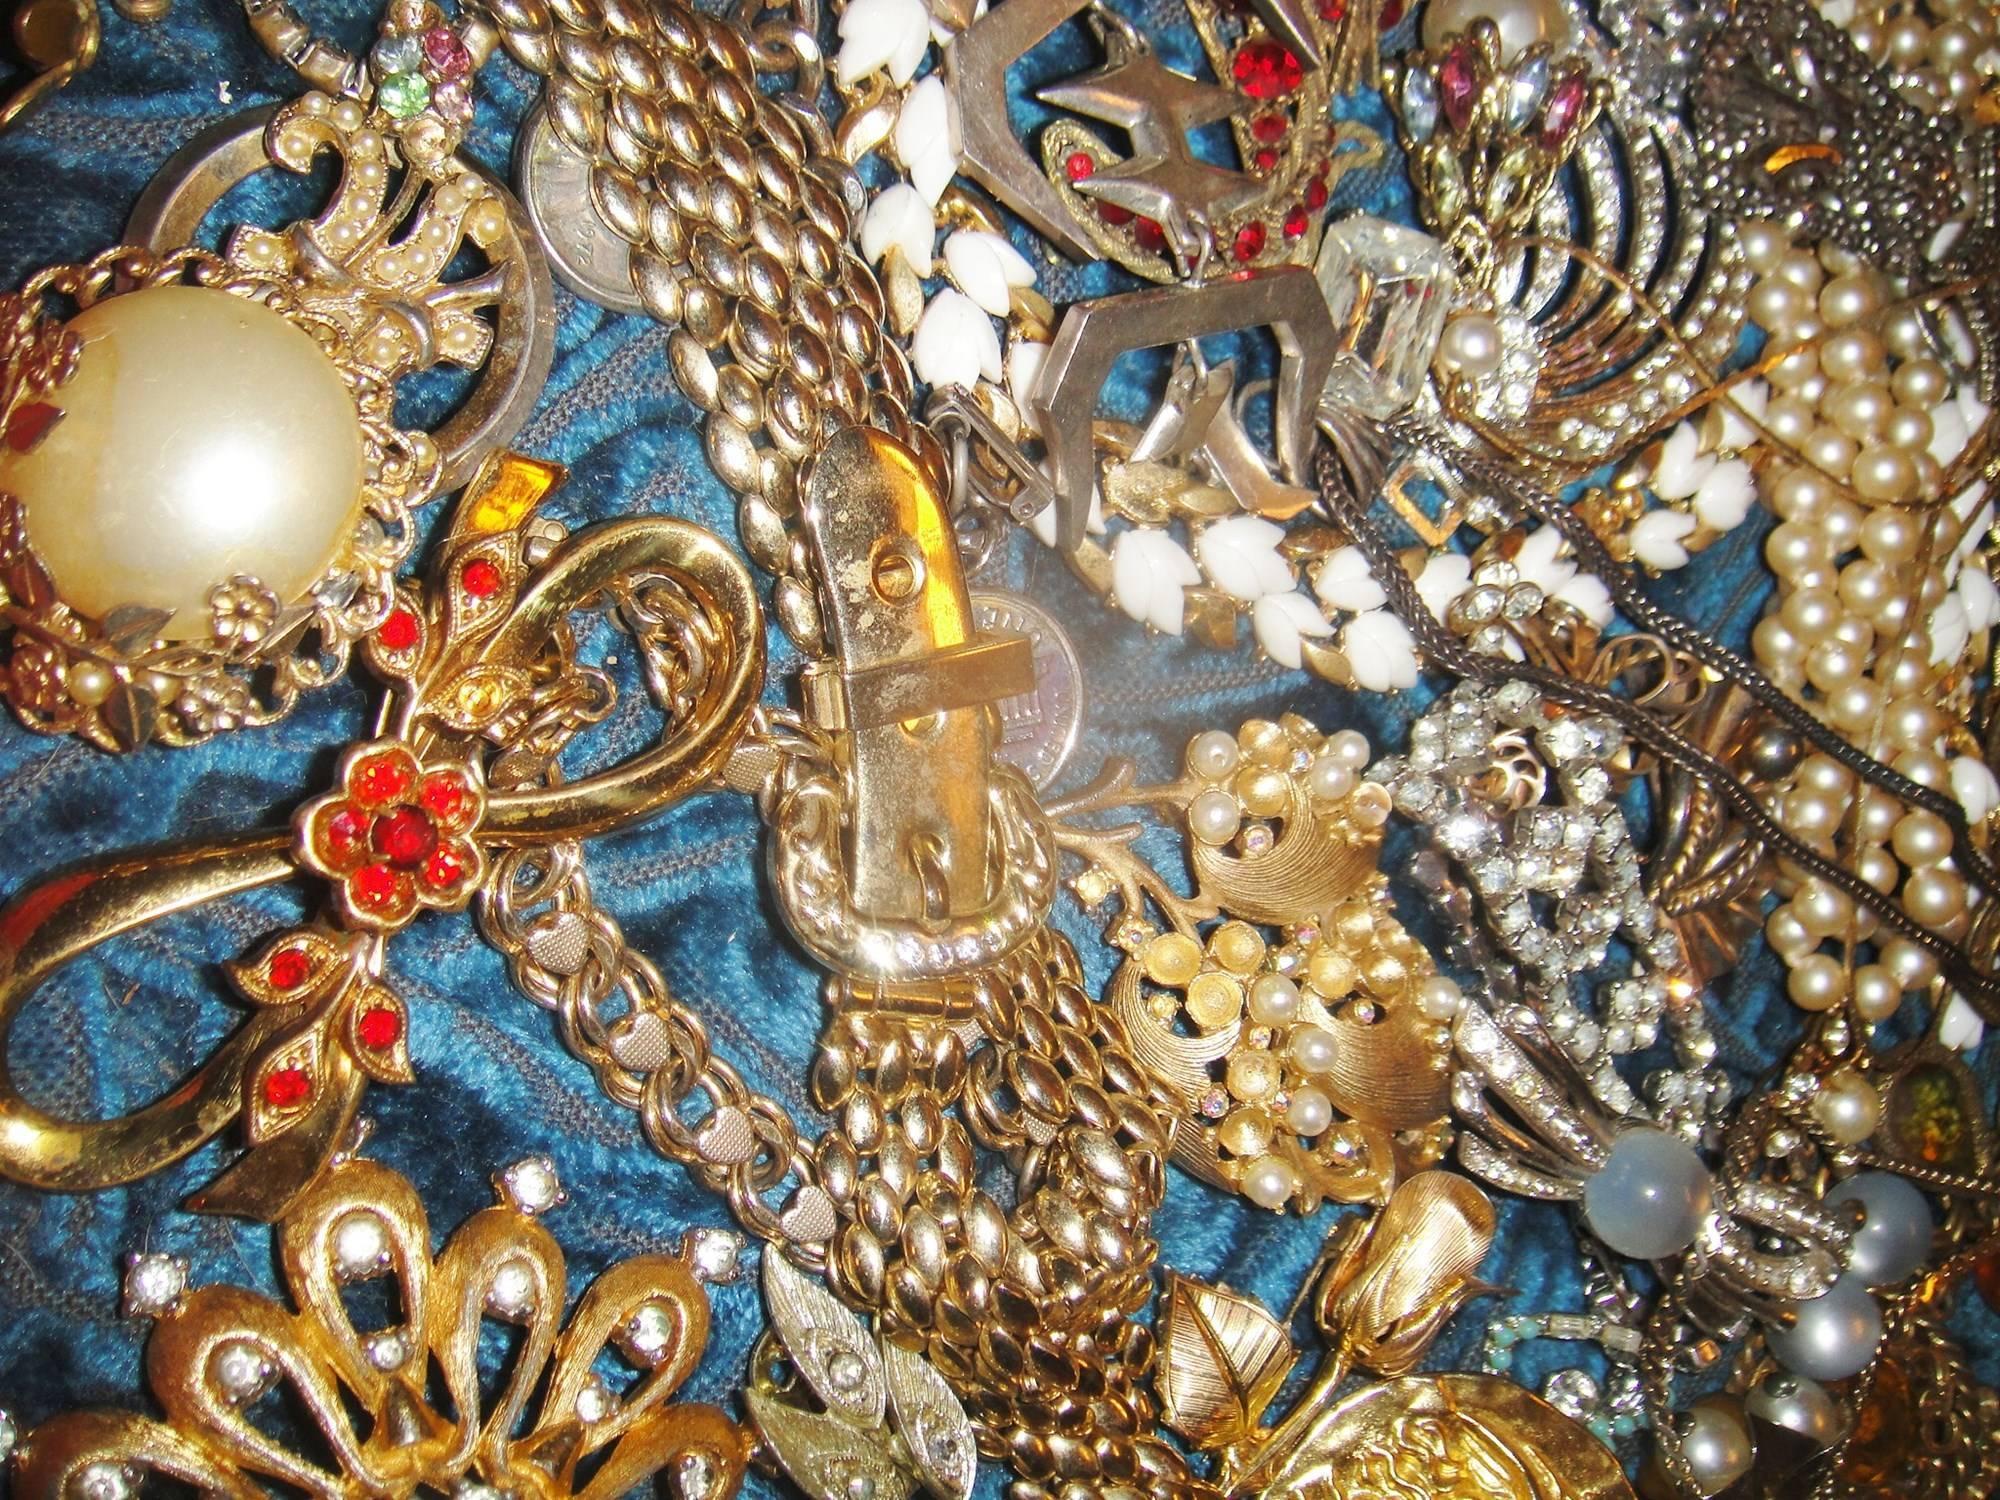 a16d7c6d93f6fcd6459e_jewelry.jpg